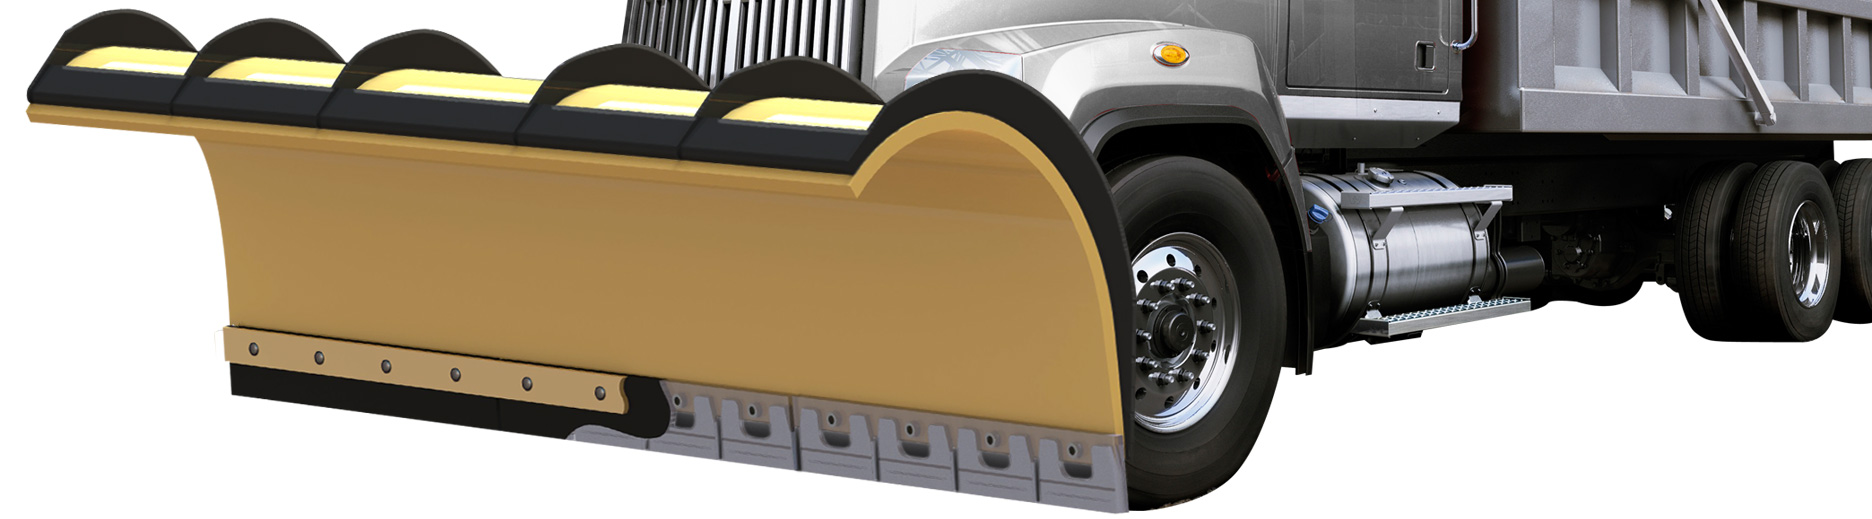 Joma 6000 Truck